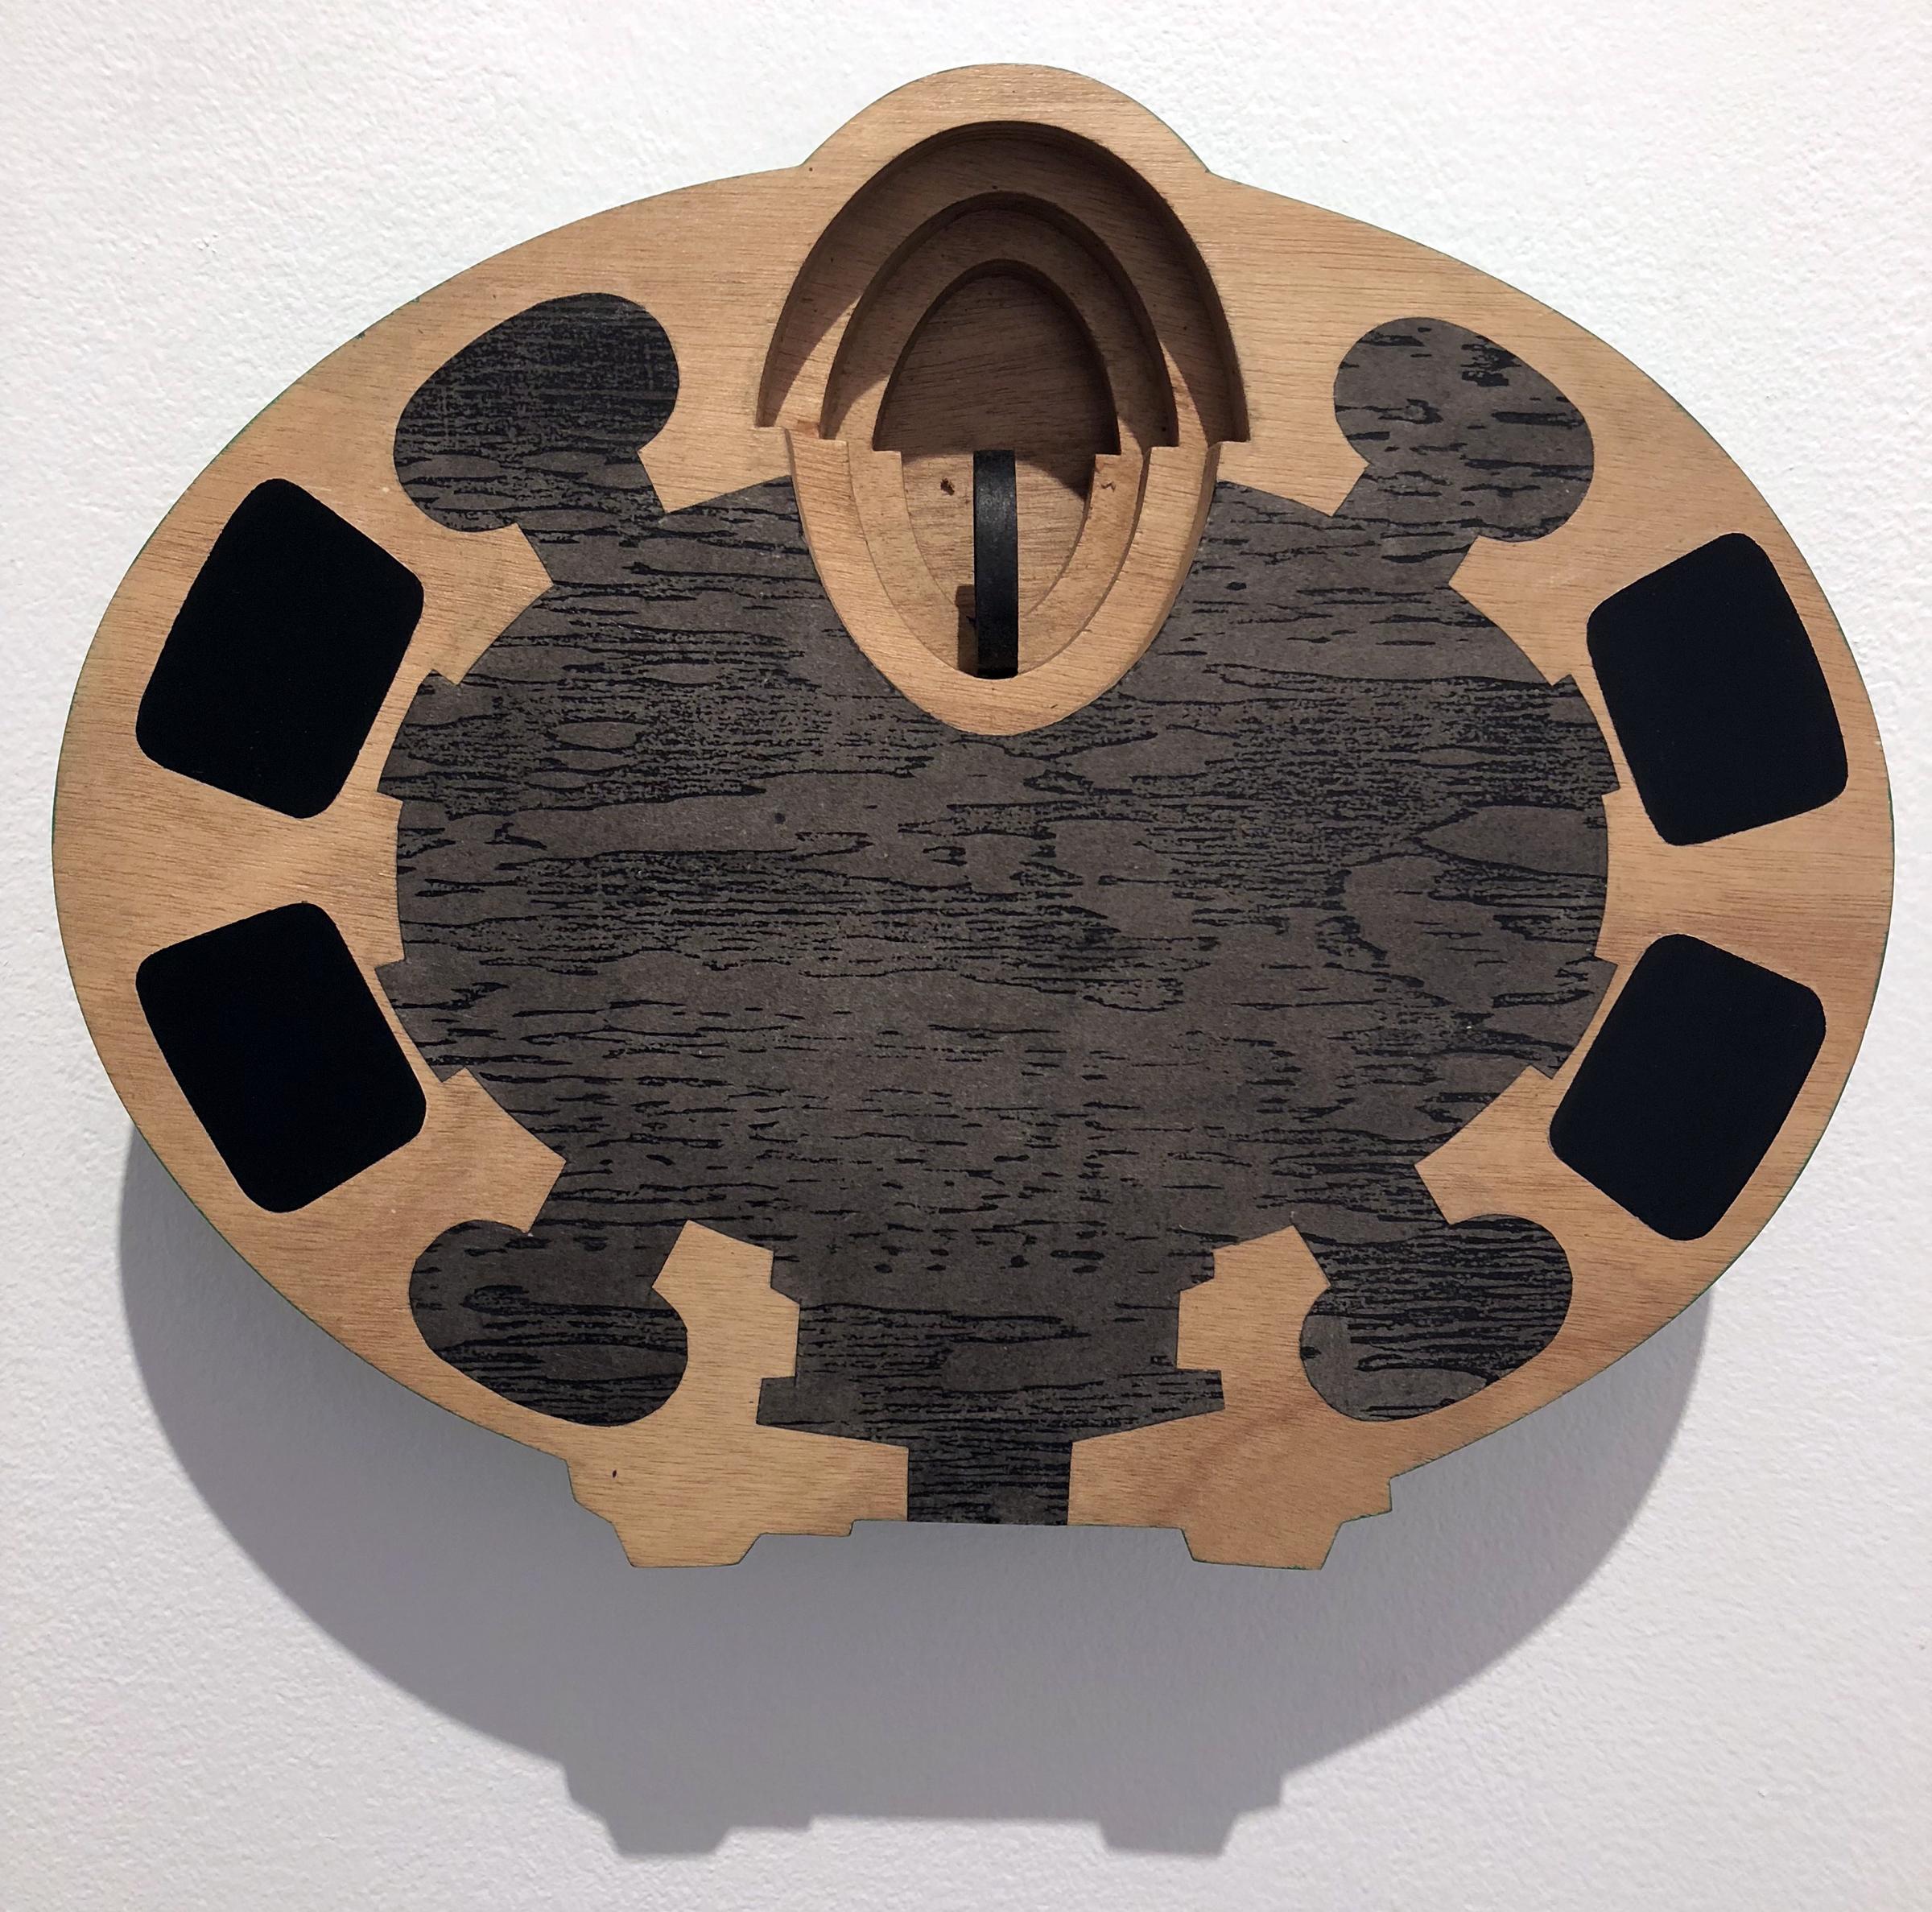 San Andrea, 11.5 x 14 x 3.5 inches / 29 x 35.5 x 9 cm, mixed media, wood, 1990